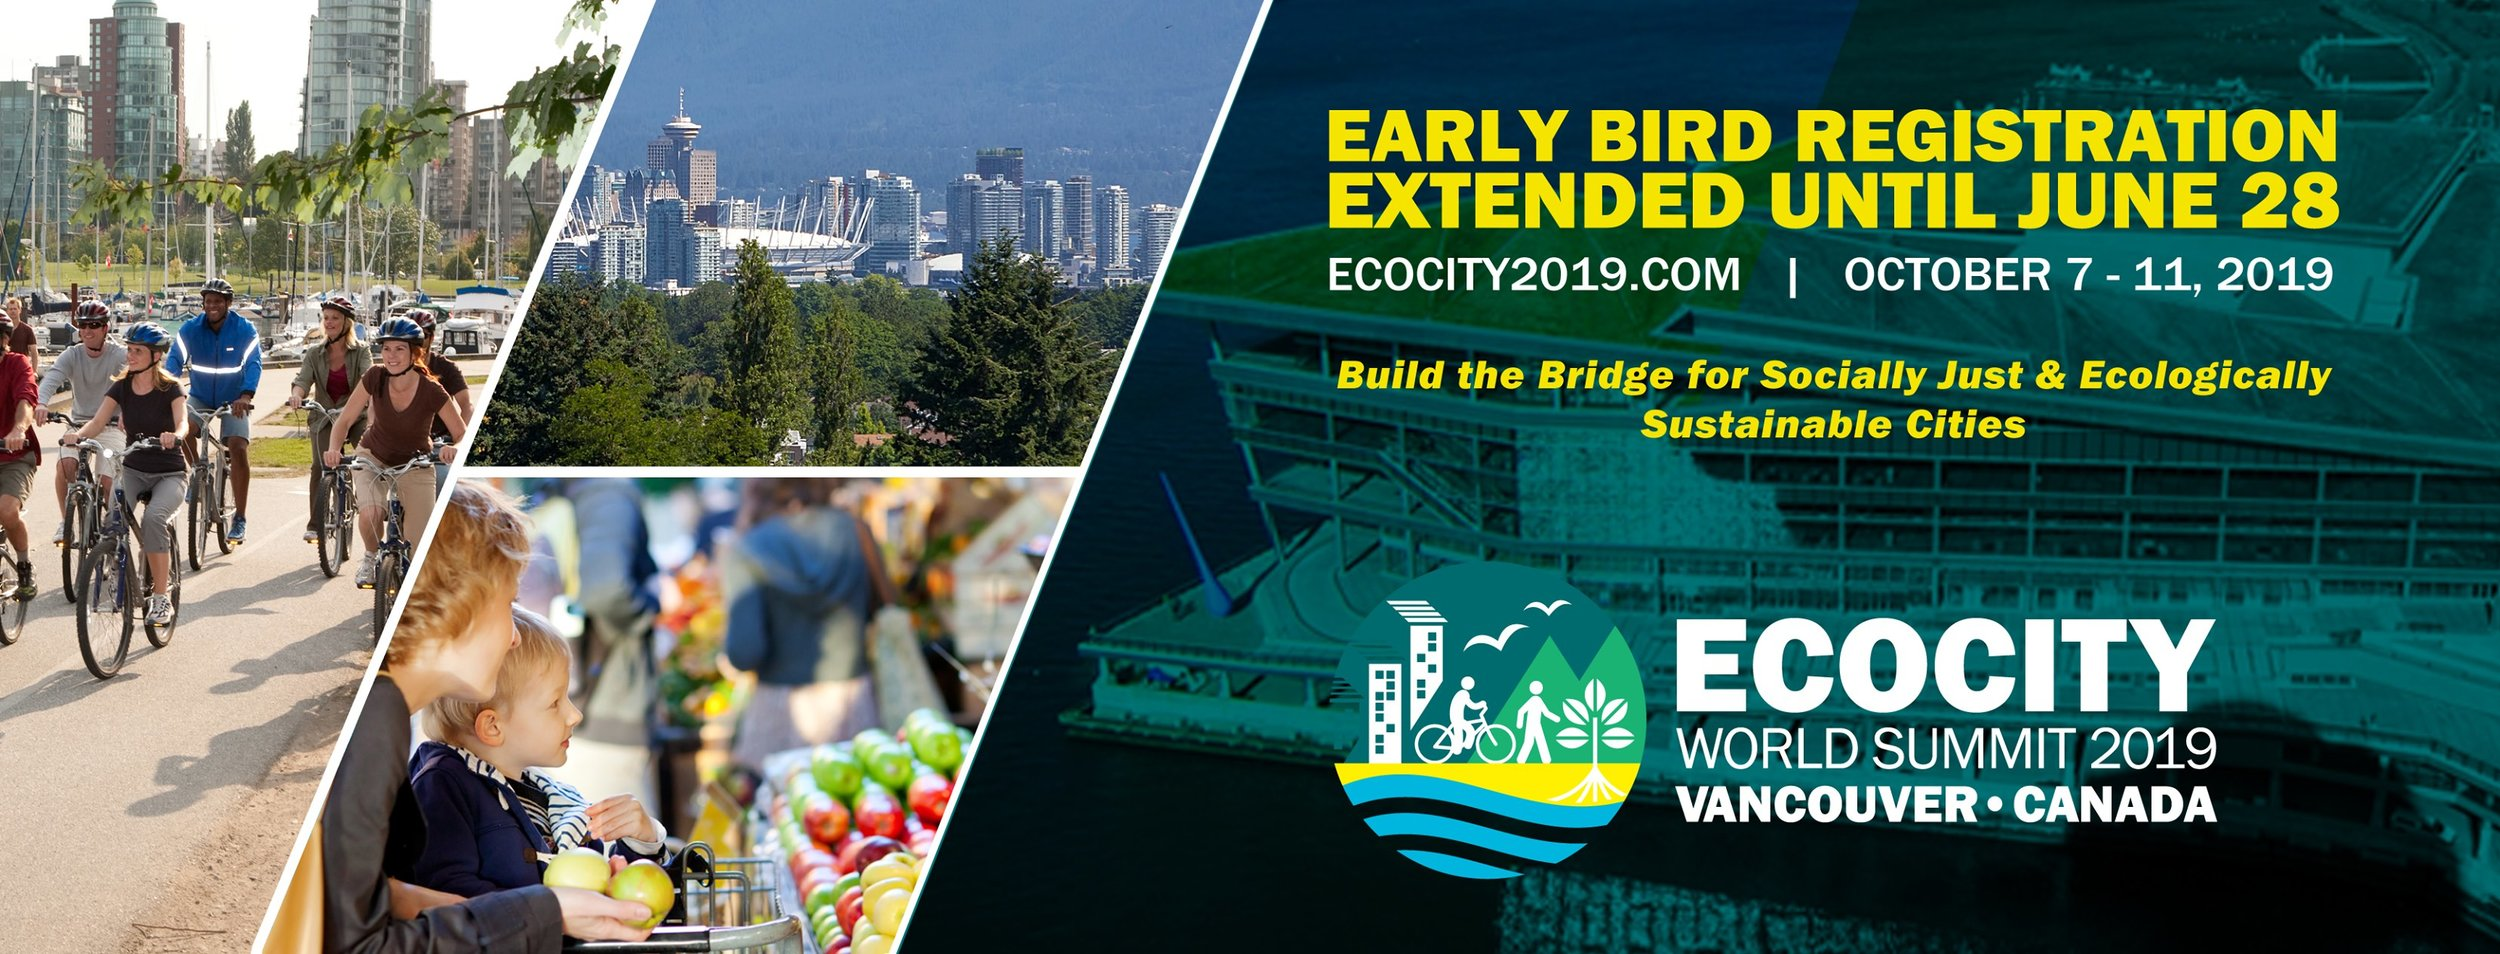 EcoCityWorldSummit.jpg